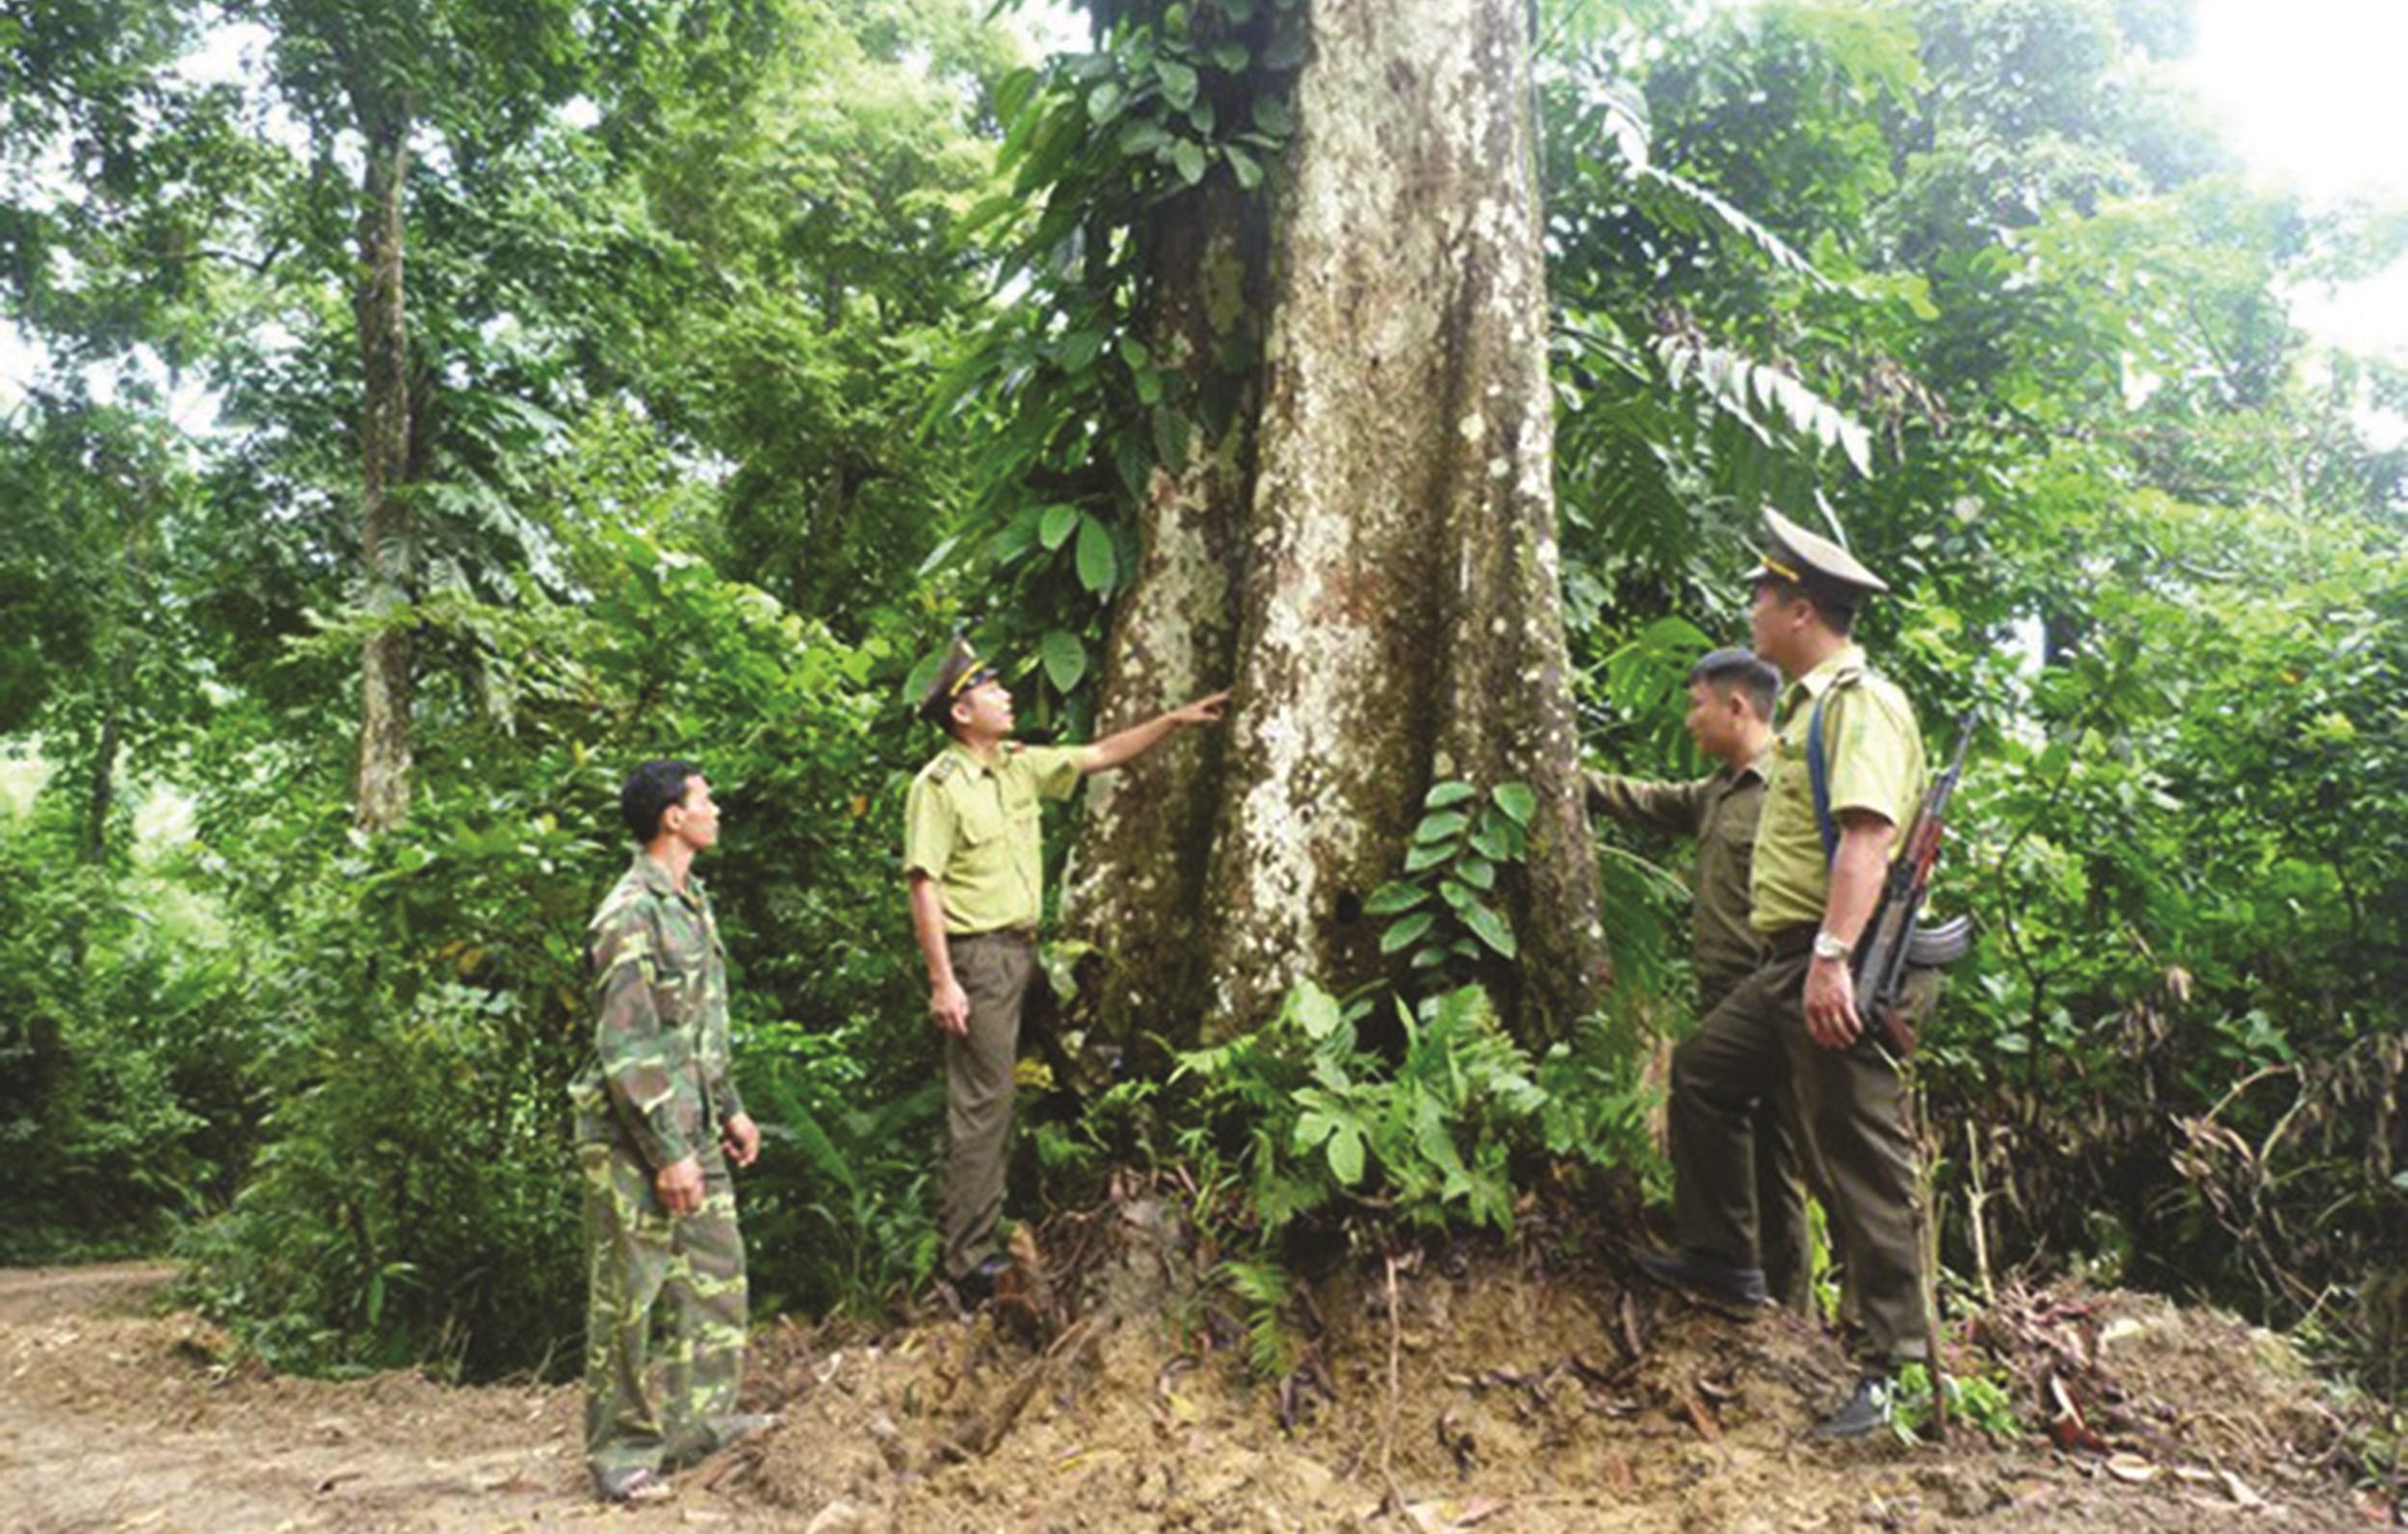 Rừng được giữ gìn xanh tốt nhờ lực lượng kiểm lâm có nhiều sáng kiến trong quản lý, bảo vệ